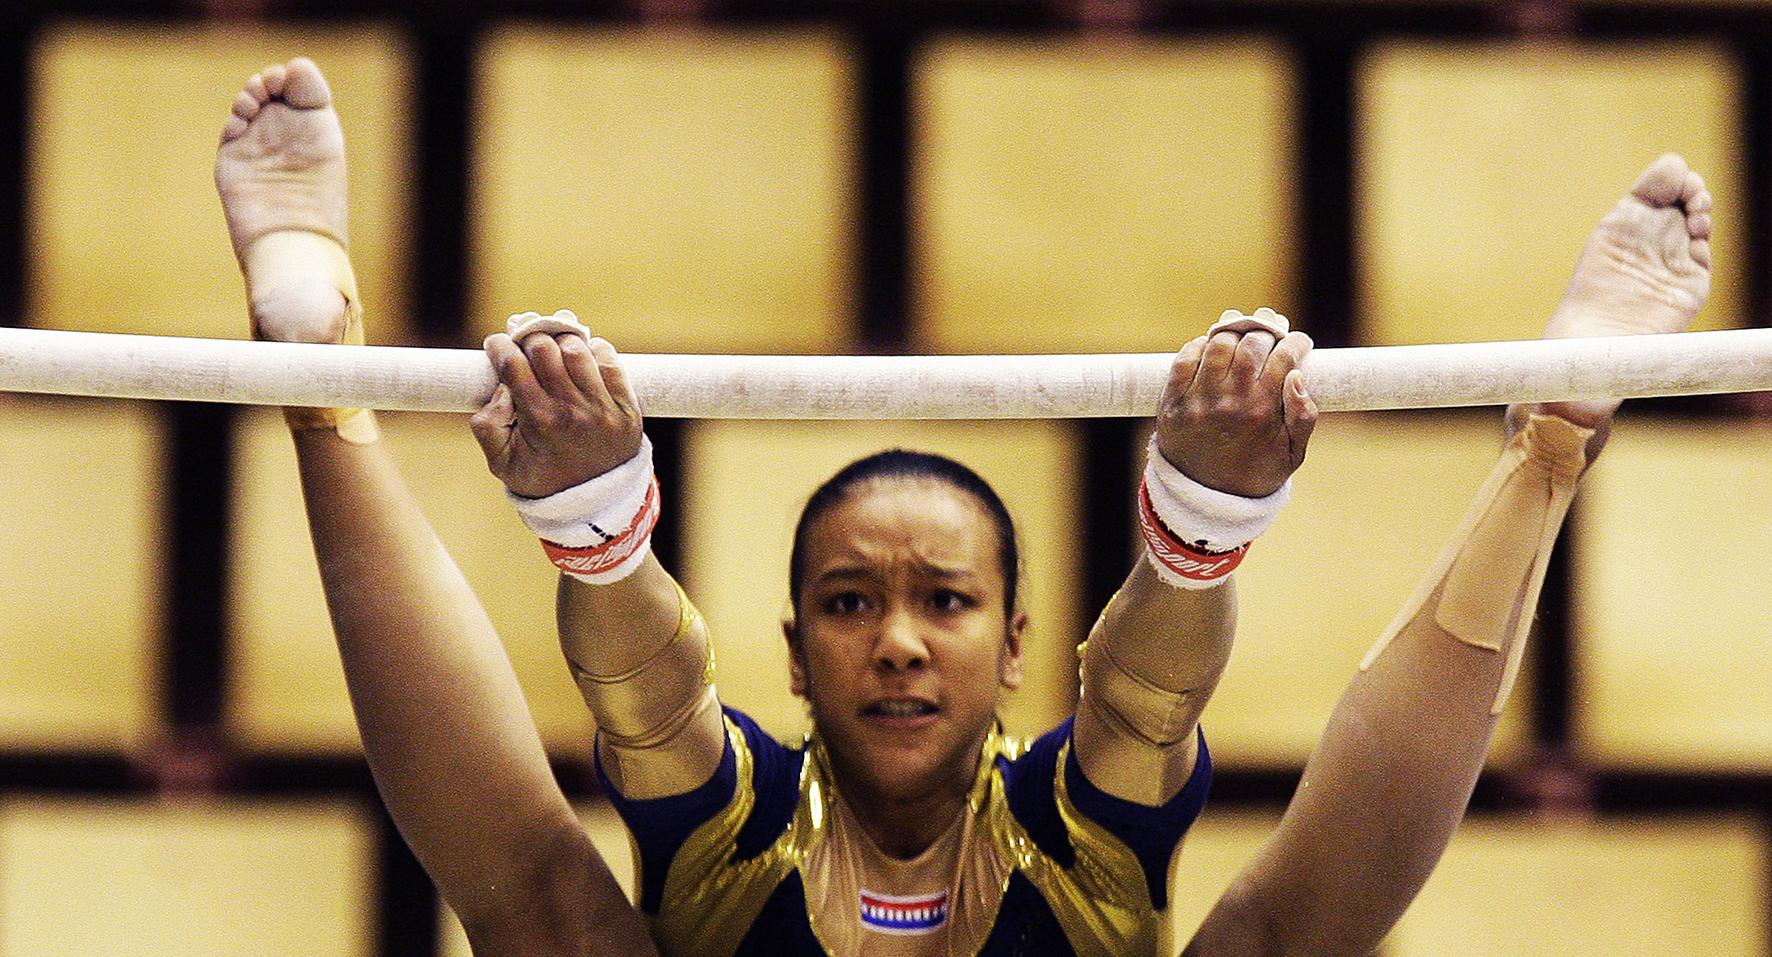 Op deze foto zie je Lichelle Wong in actie op onderdeel brug donderdag tijdens de kwalificaties in Maison des Sports, de turnhal van het EK. De Europese Kampioenschappen turnen voor vrouwen in het Franse Clermont-Ferrand zijn van 3 tot en met 6 april.